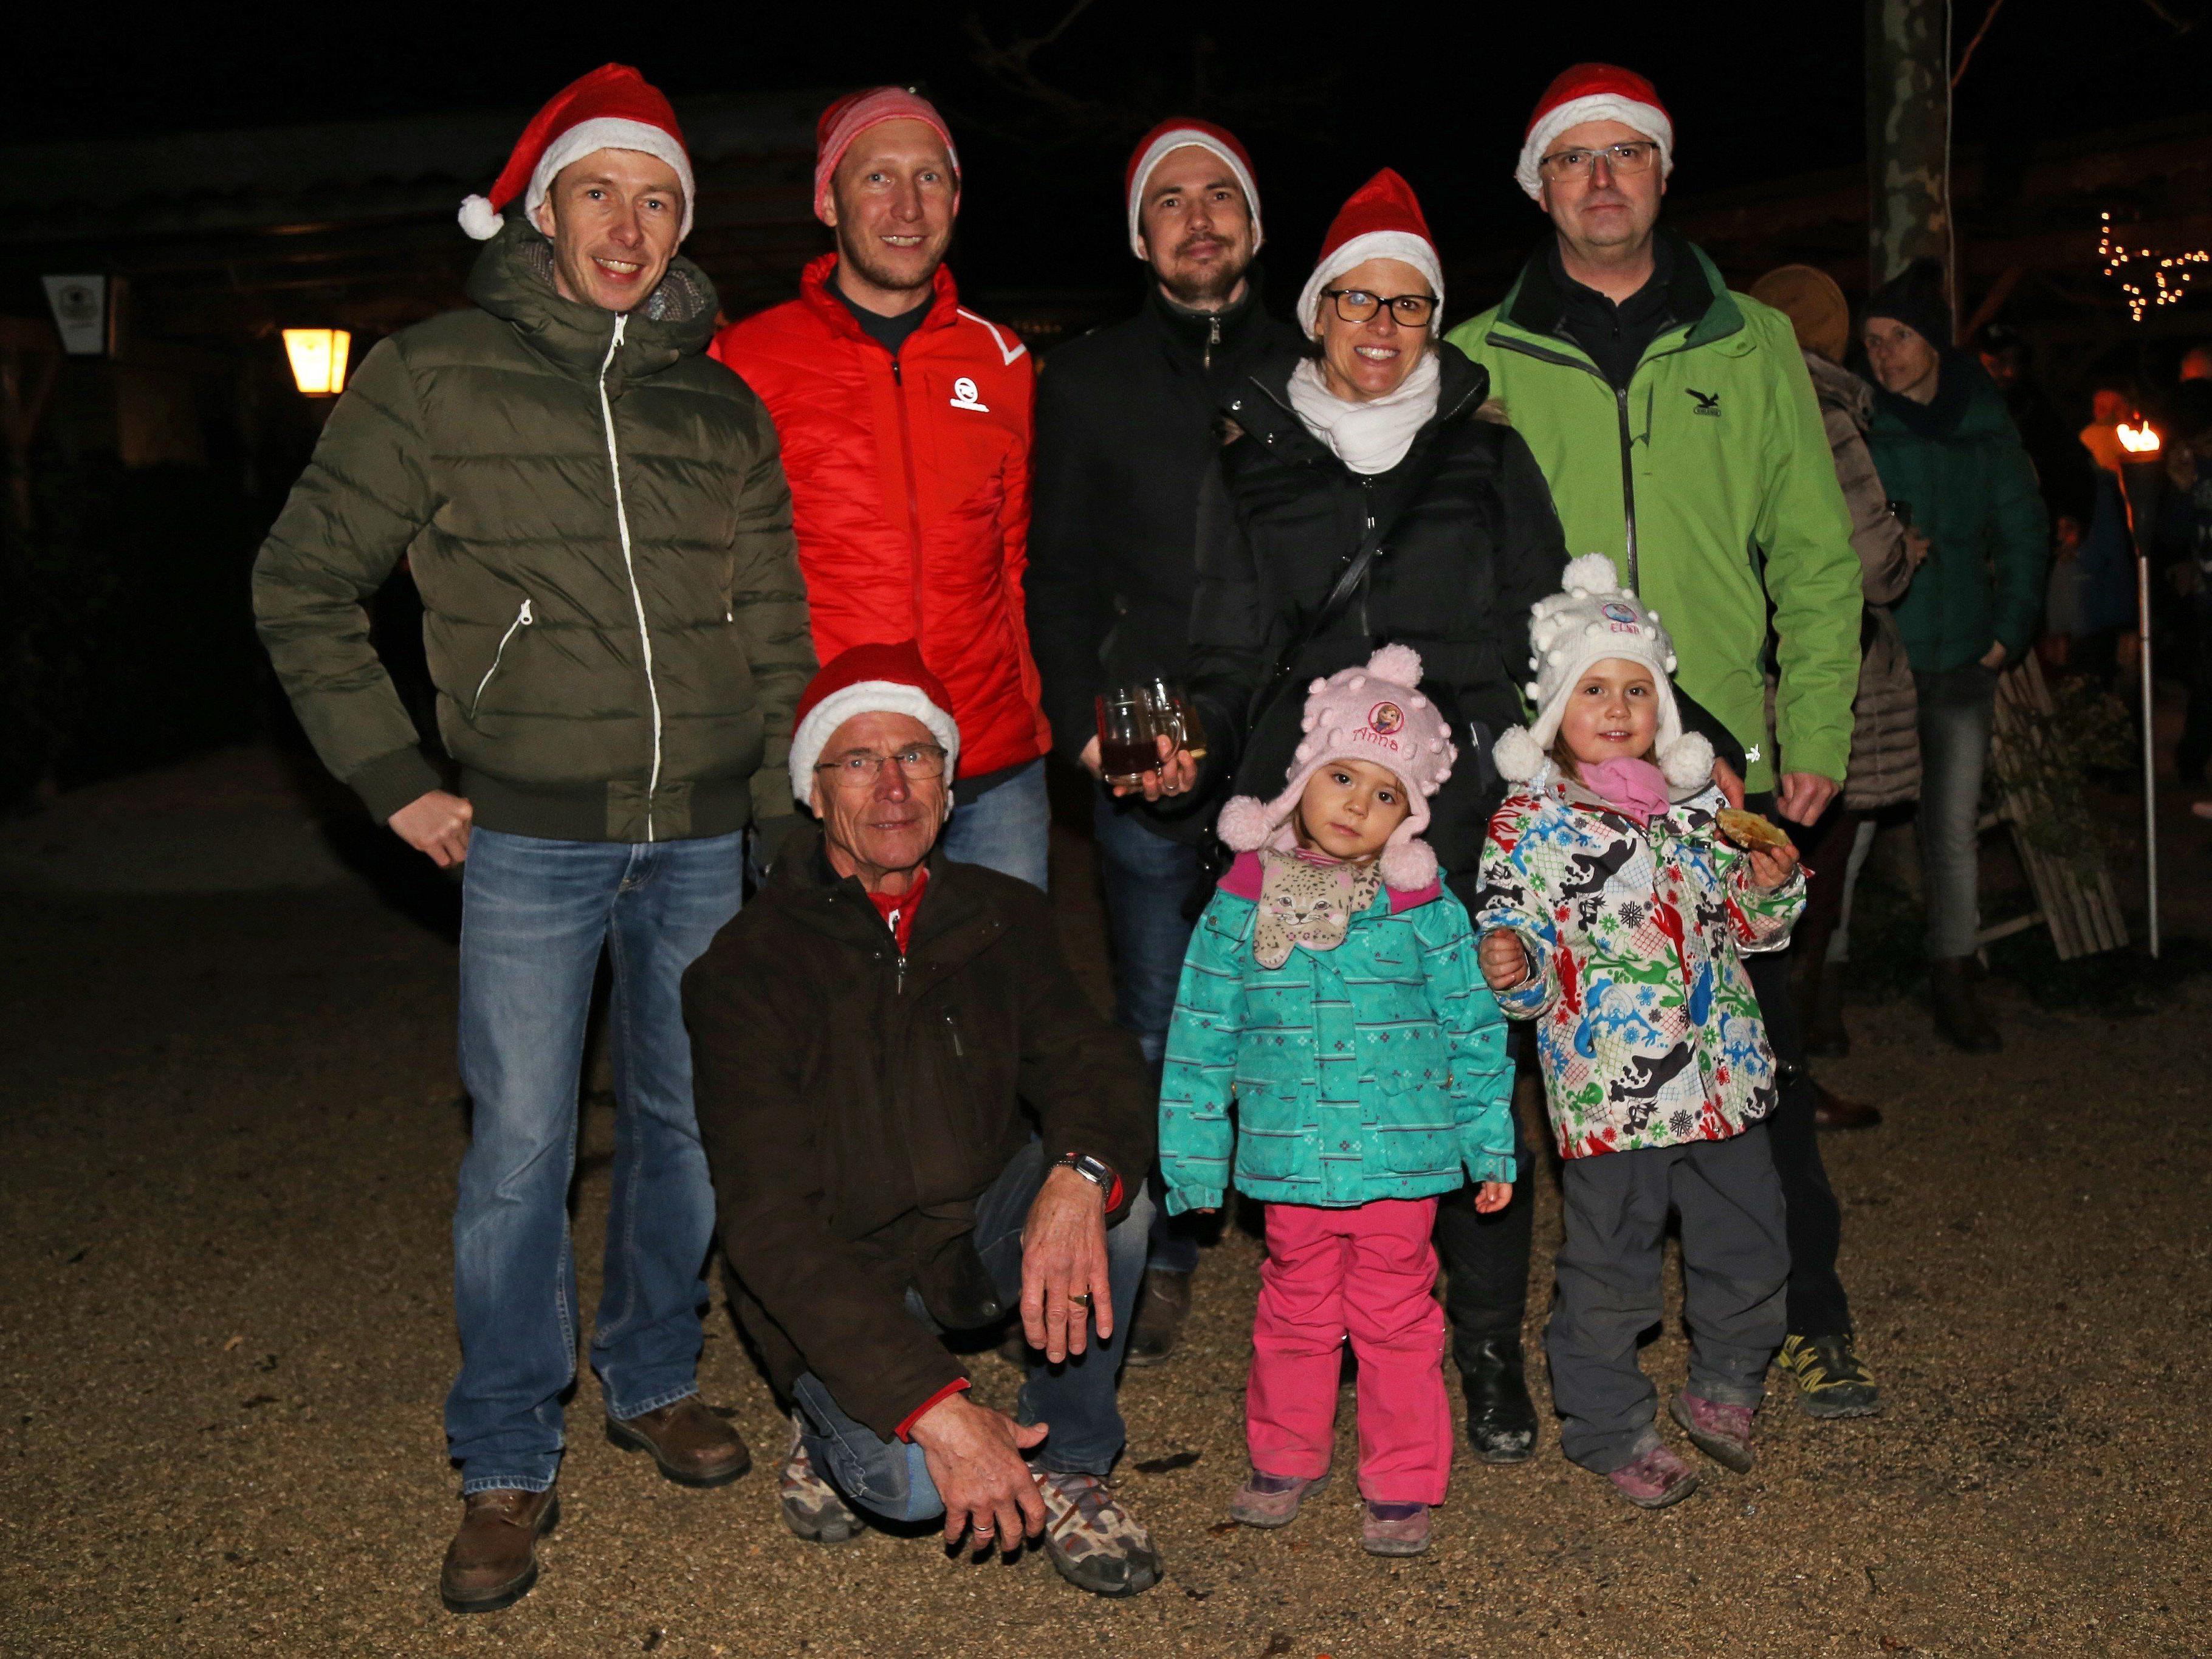 Jedes Jahr organisiert die Familie Lins mit seinen fleißigen Helfern die Nikolausfeier in Bangs.